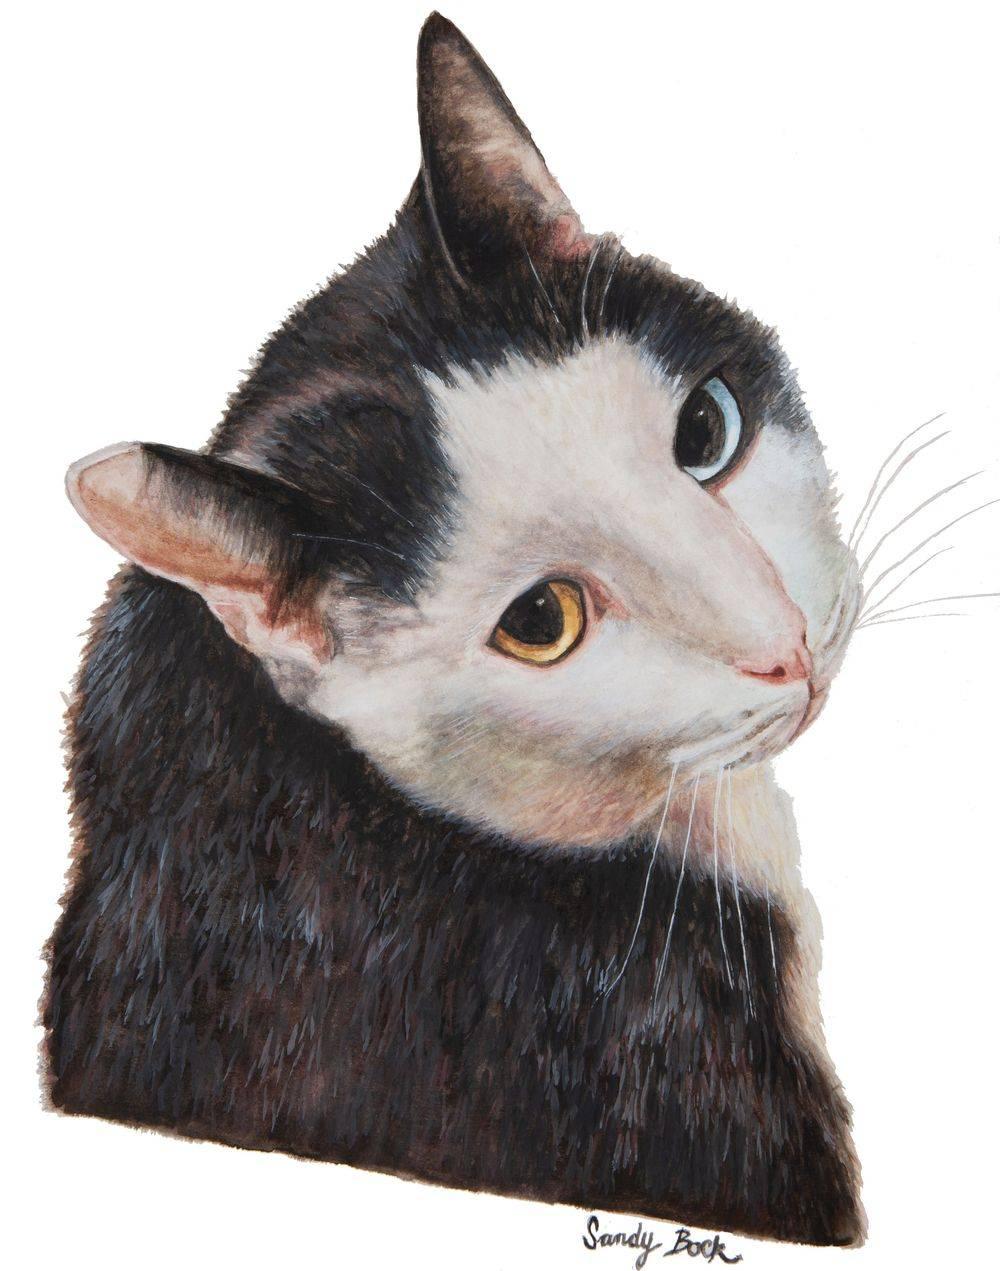 sandy bock, pet portrait, cat, portrait artist, portrait art, custom portrait painting